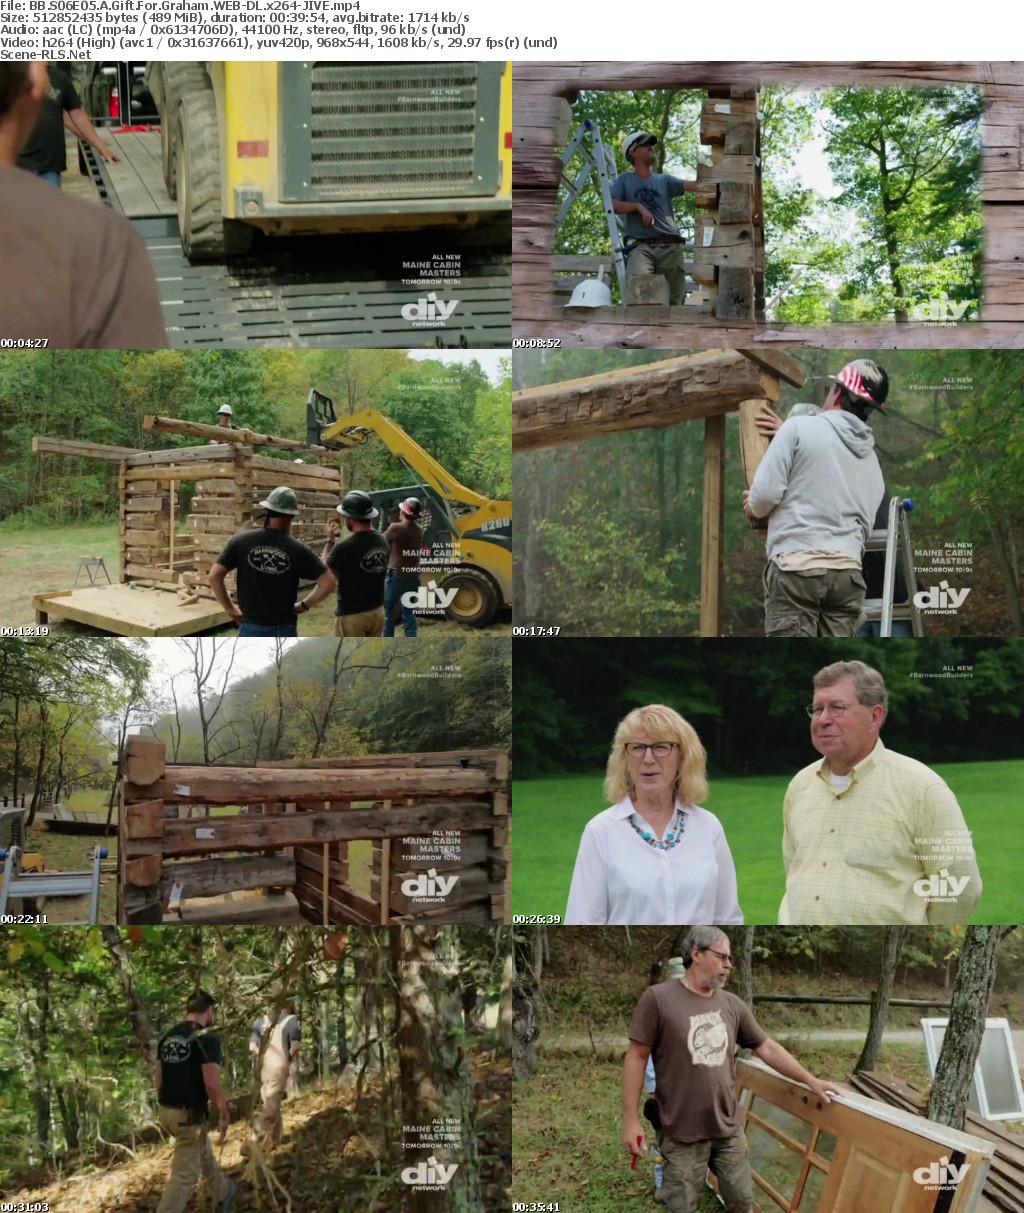 Barnwood Builders S06E05 A Gift For Graham WEB-DL x264 ...